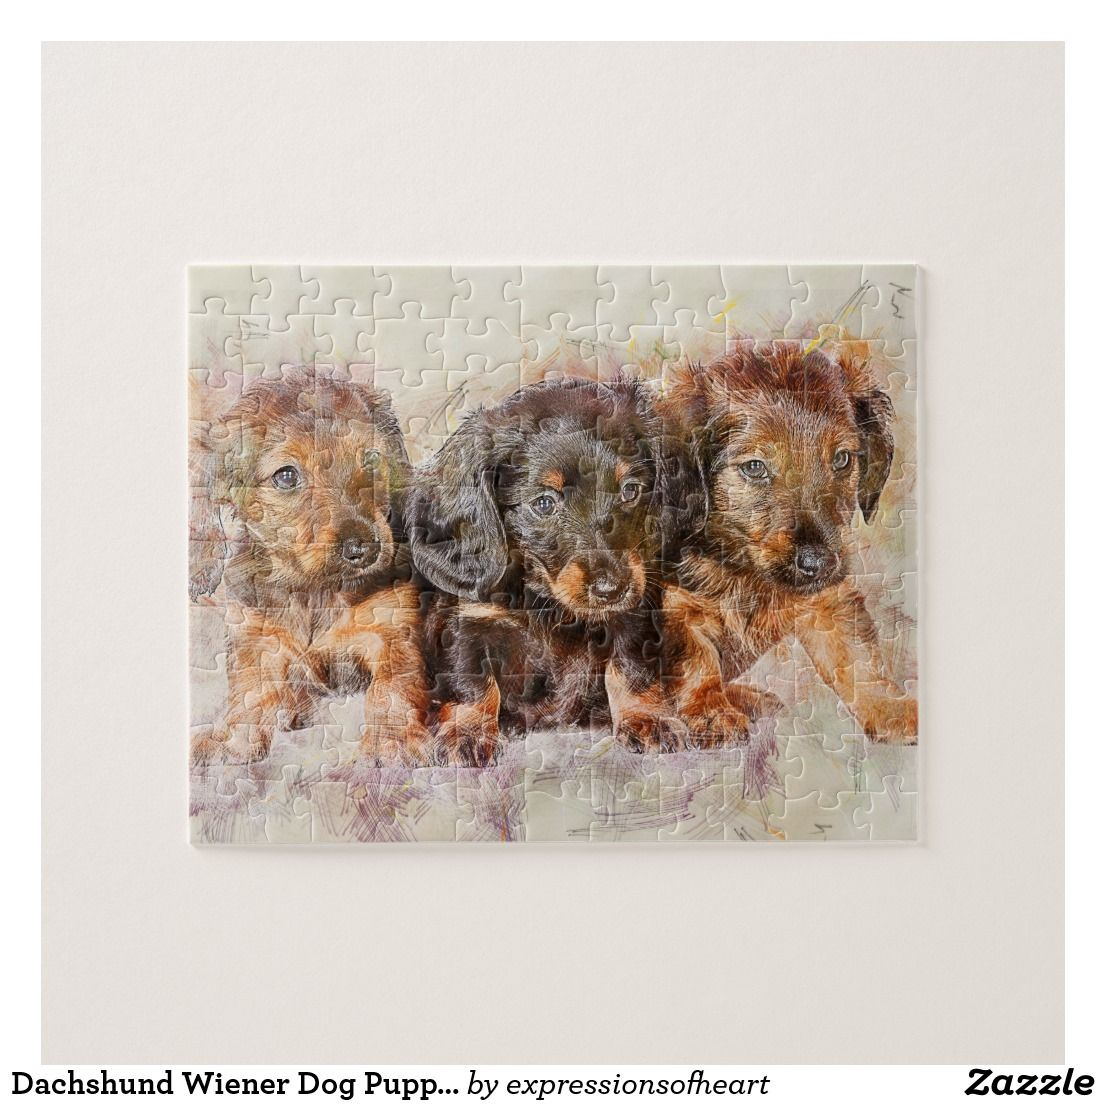 Dachshund Wiener Dog Puppies Jigsaw Puzzle Zazzle Com Dogs